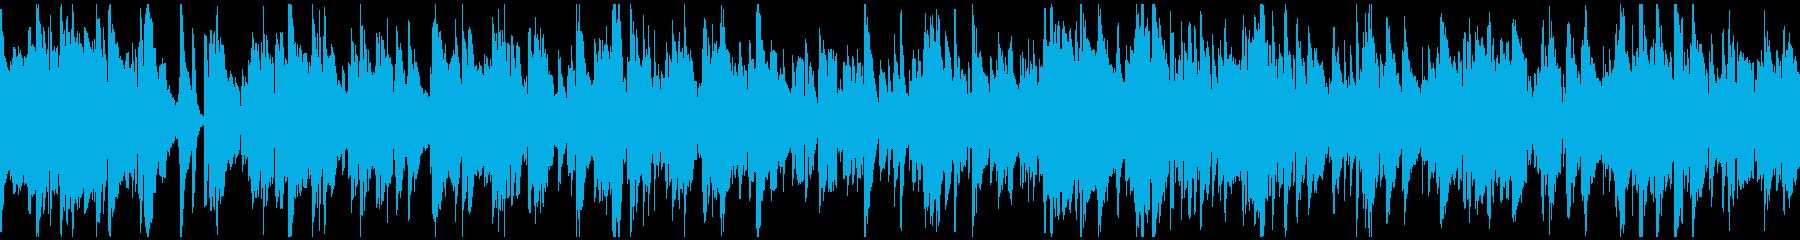 ジャズバラード、悟り、荘厳 ※ループ版の再生済みの波形